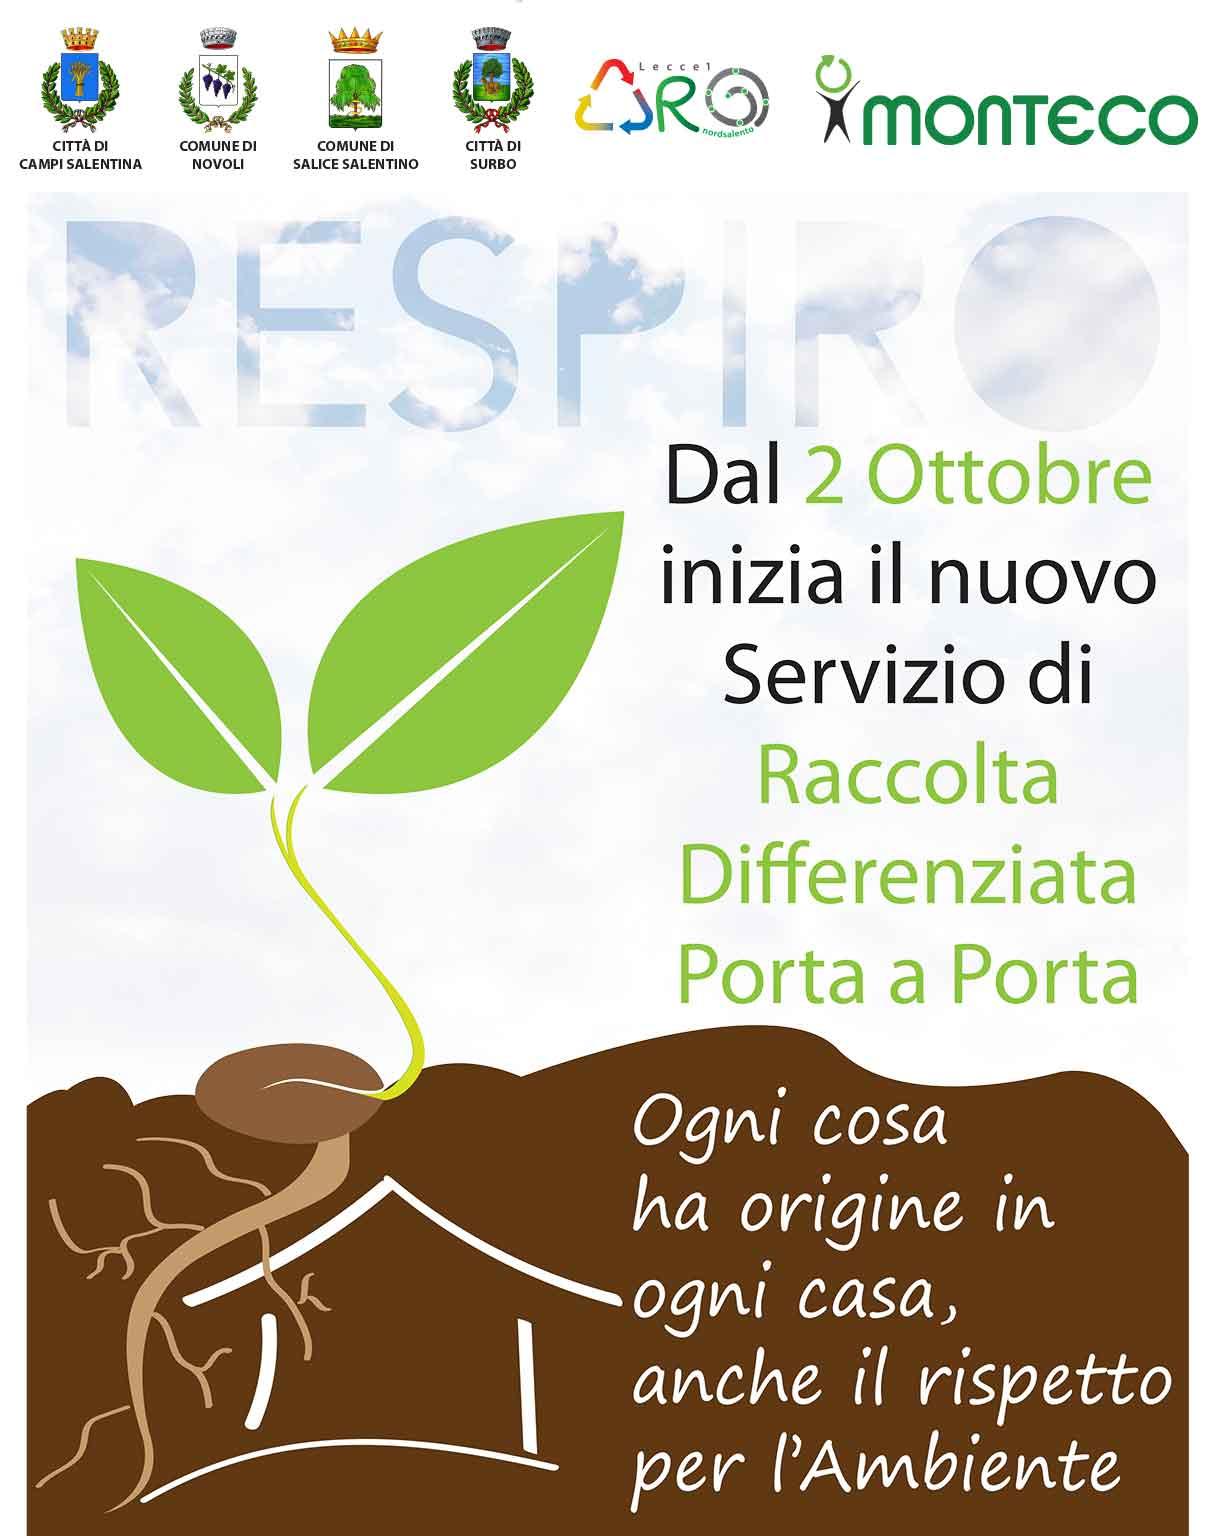 2 ottobre: al via con il Nuovo Servizio di Raccolta Differenziata Porta a Porta a Campi, Novoli, Salice e Surbo